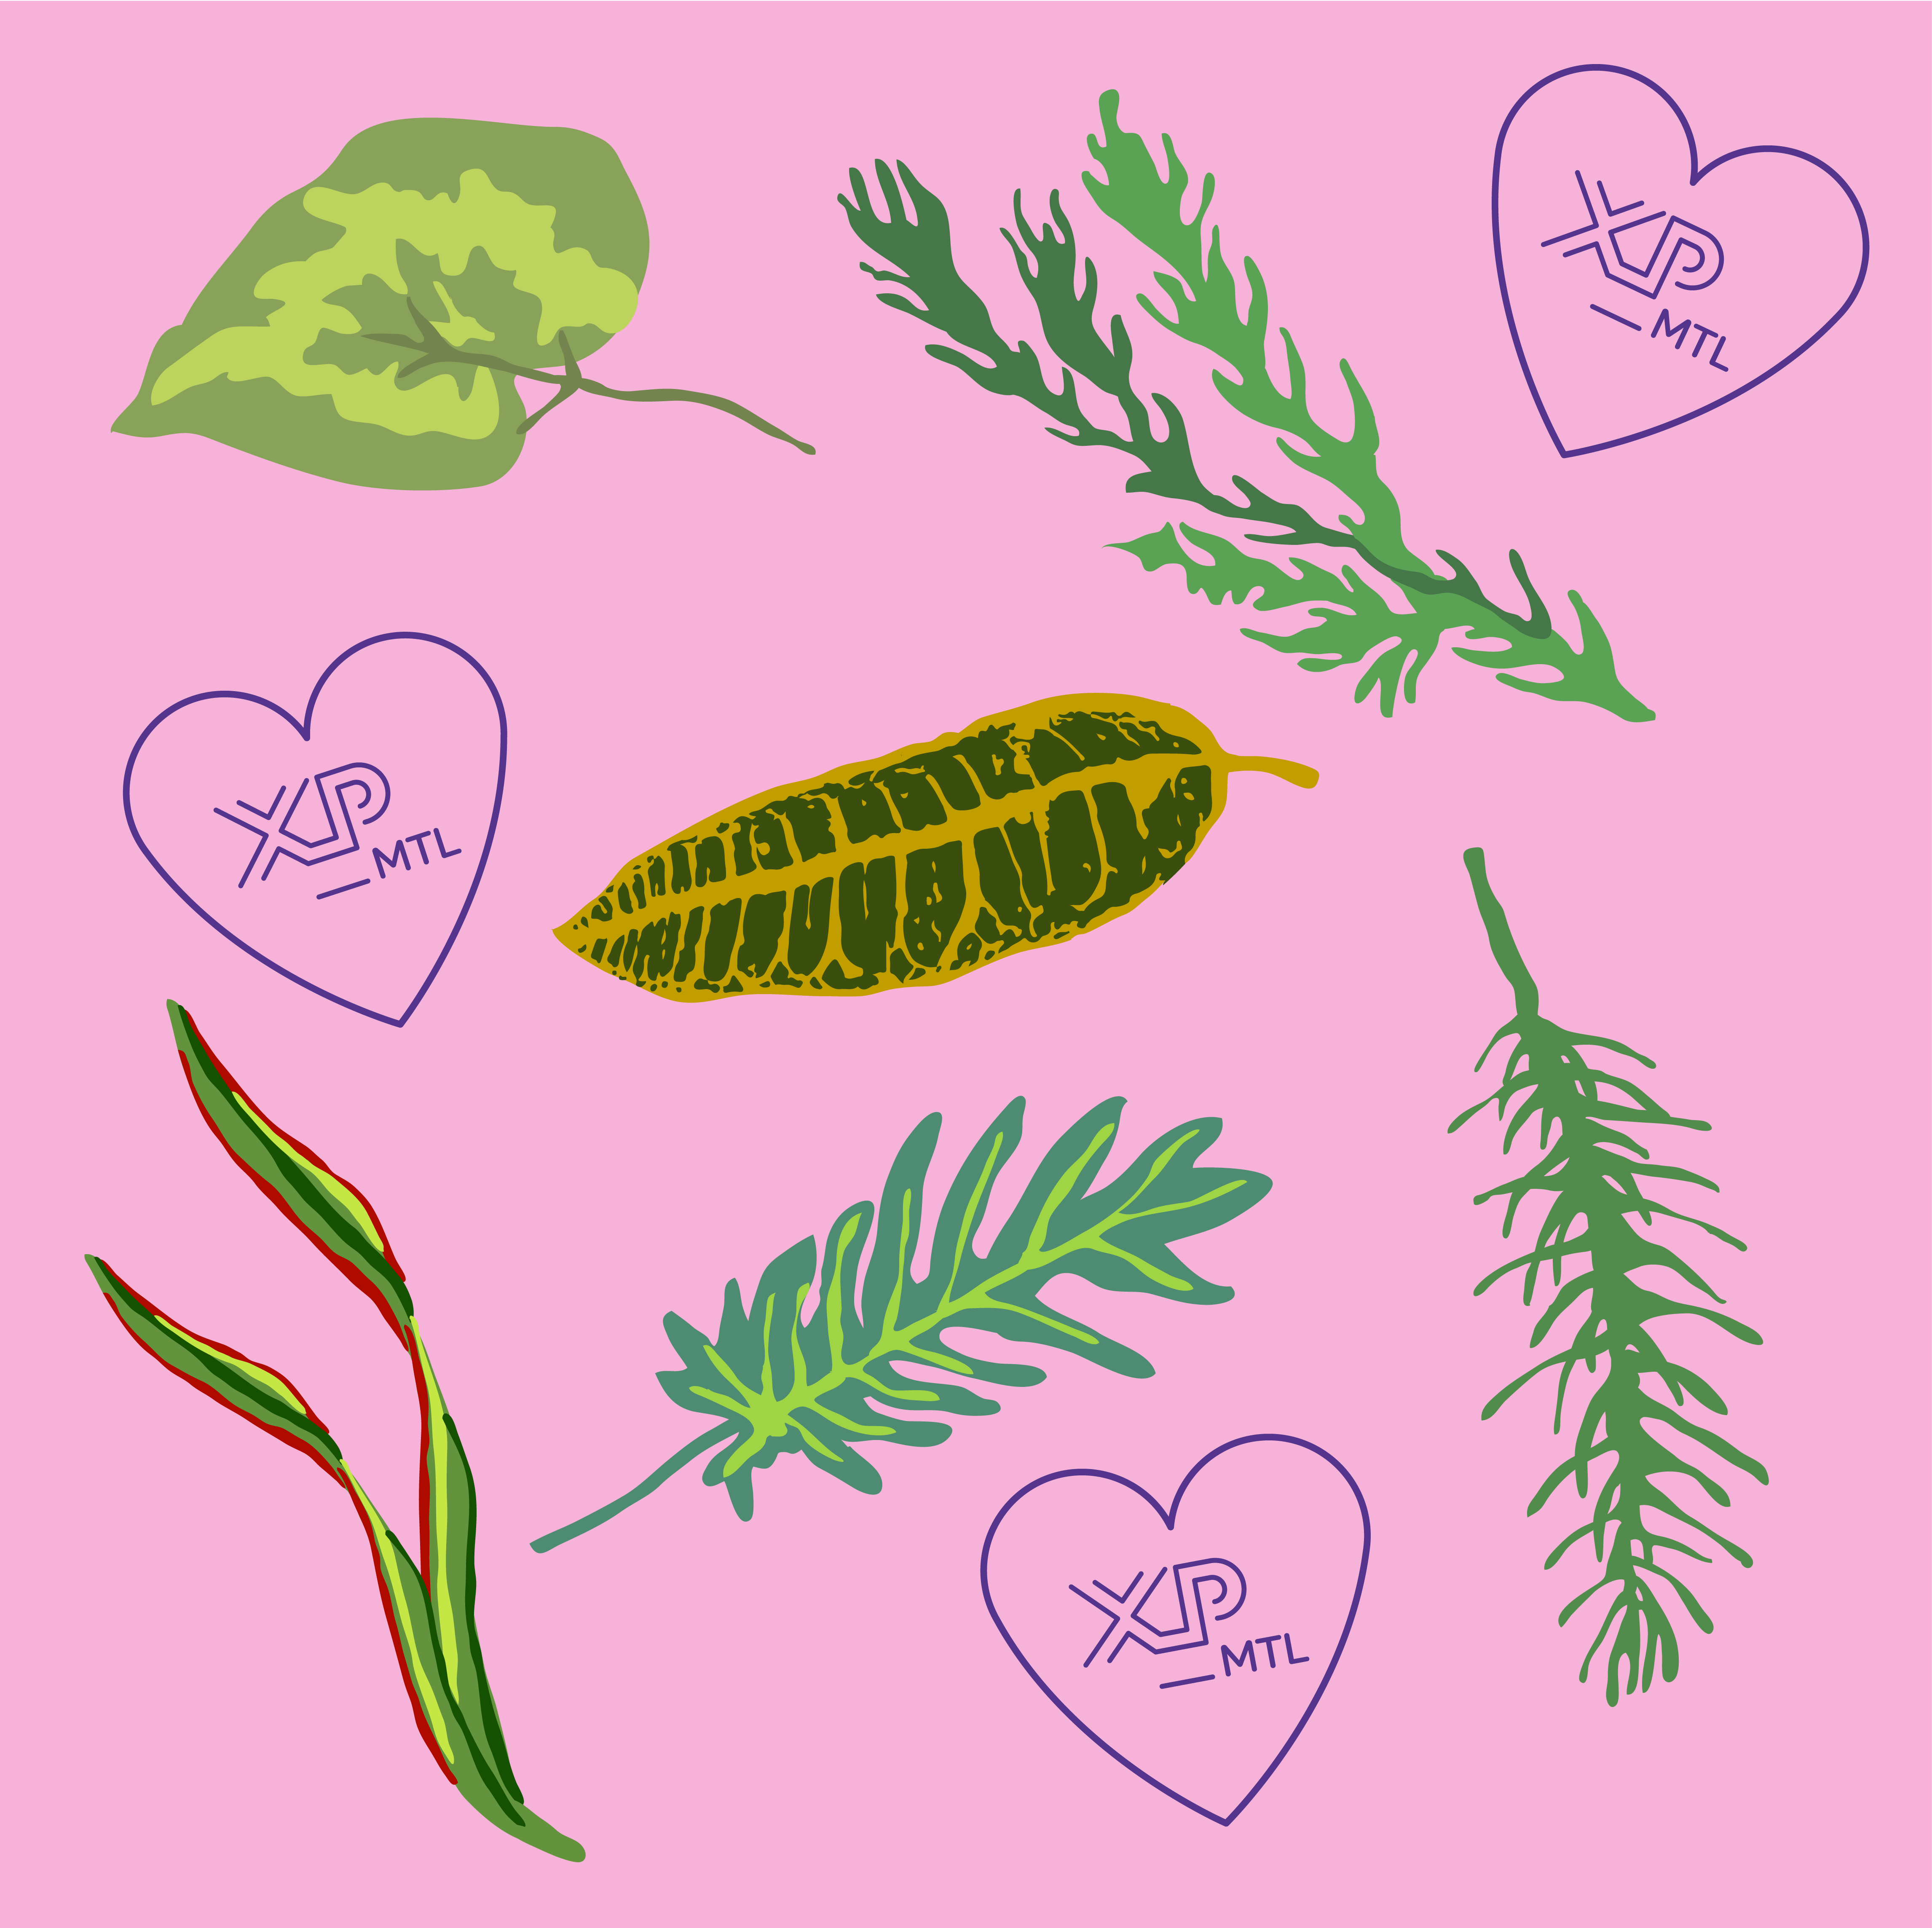 XPMTL_PLANTES-carree